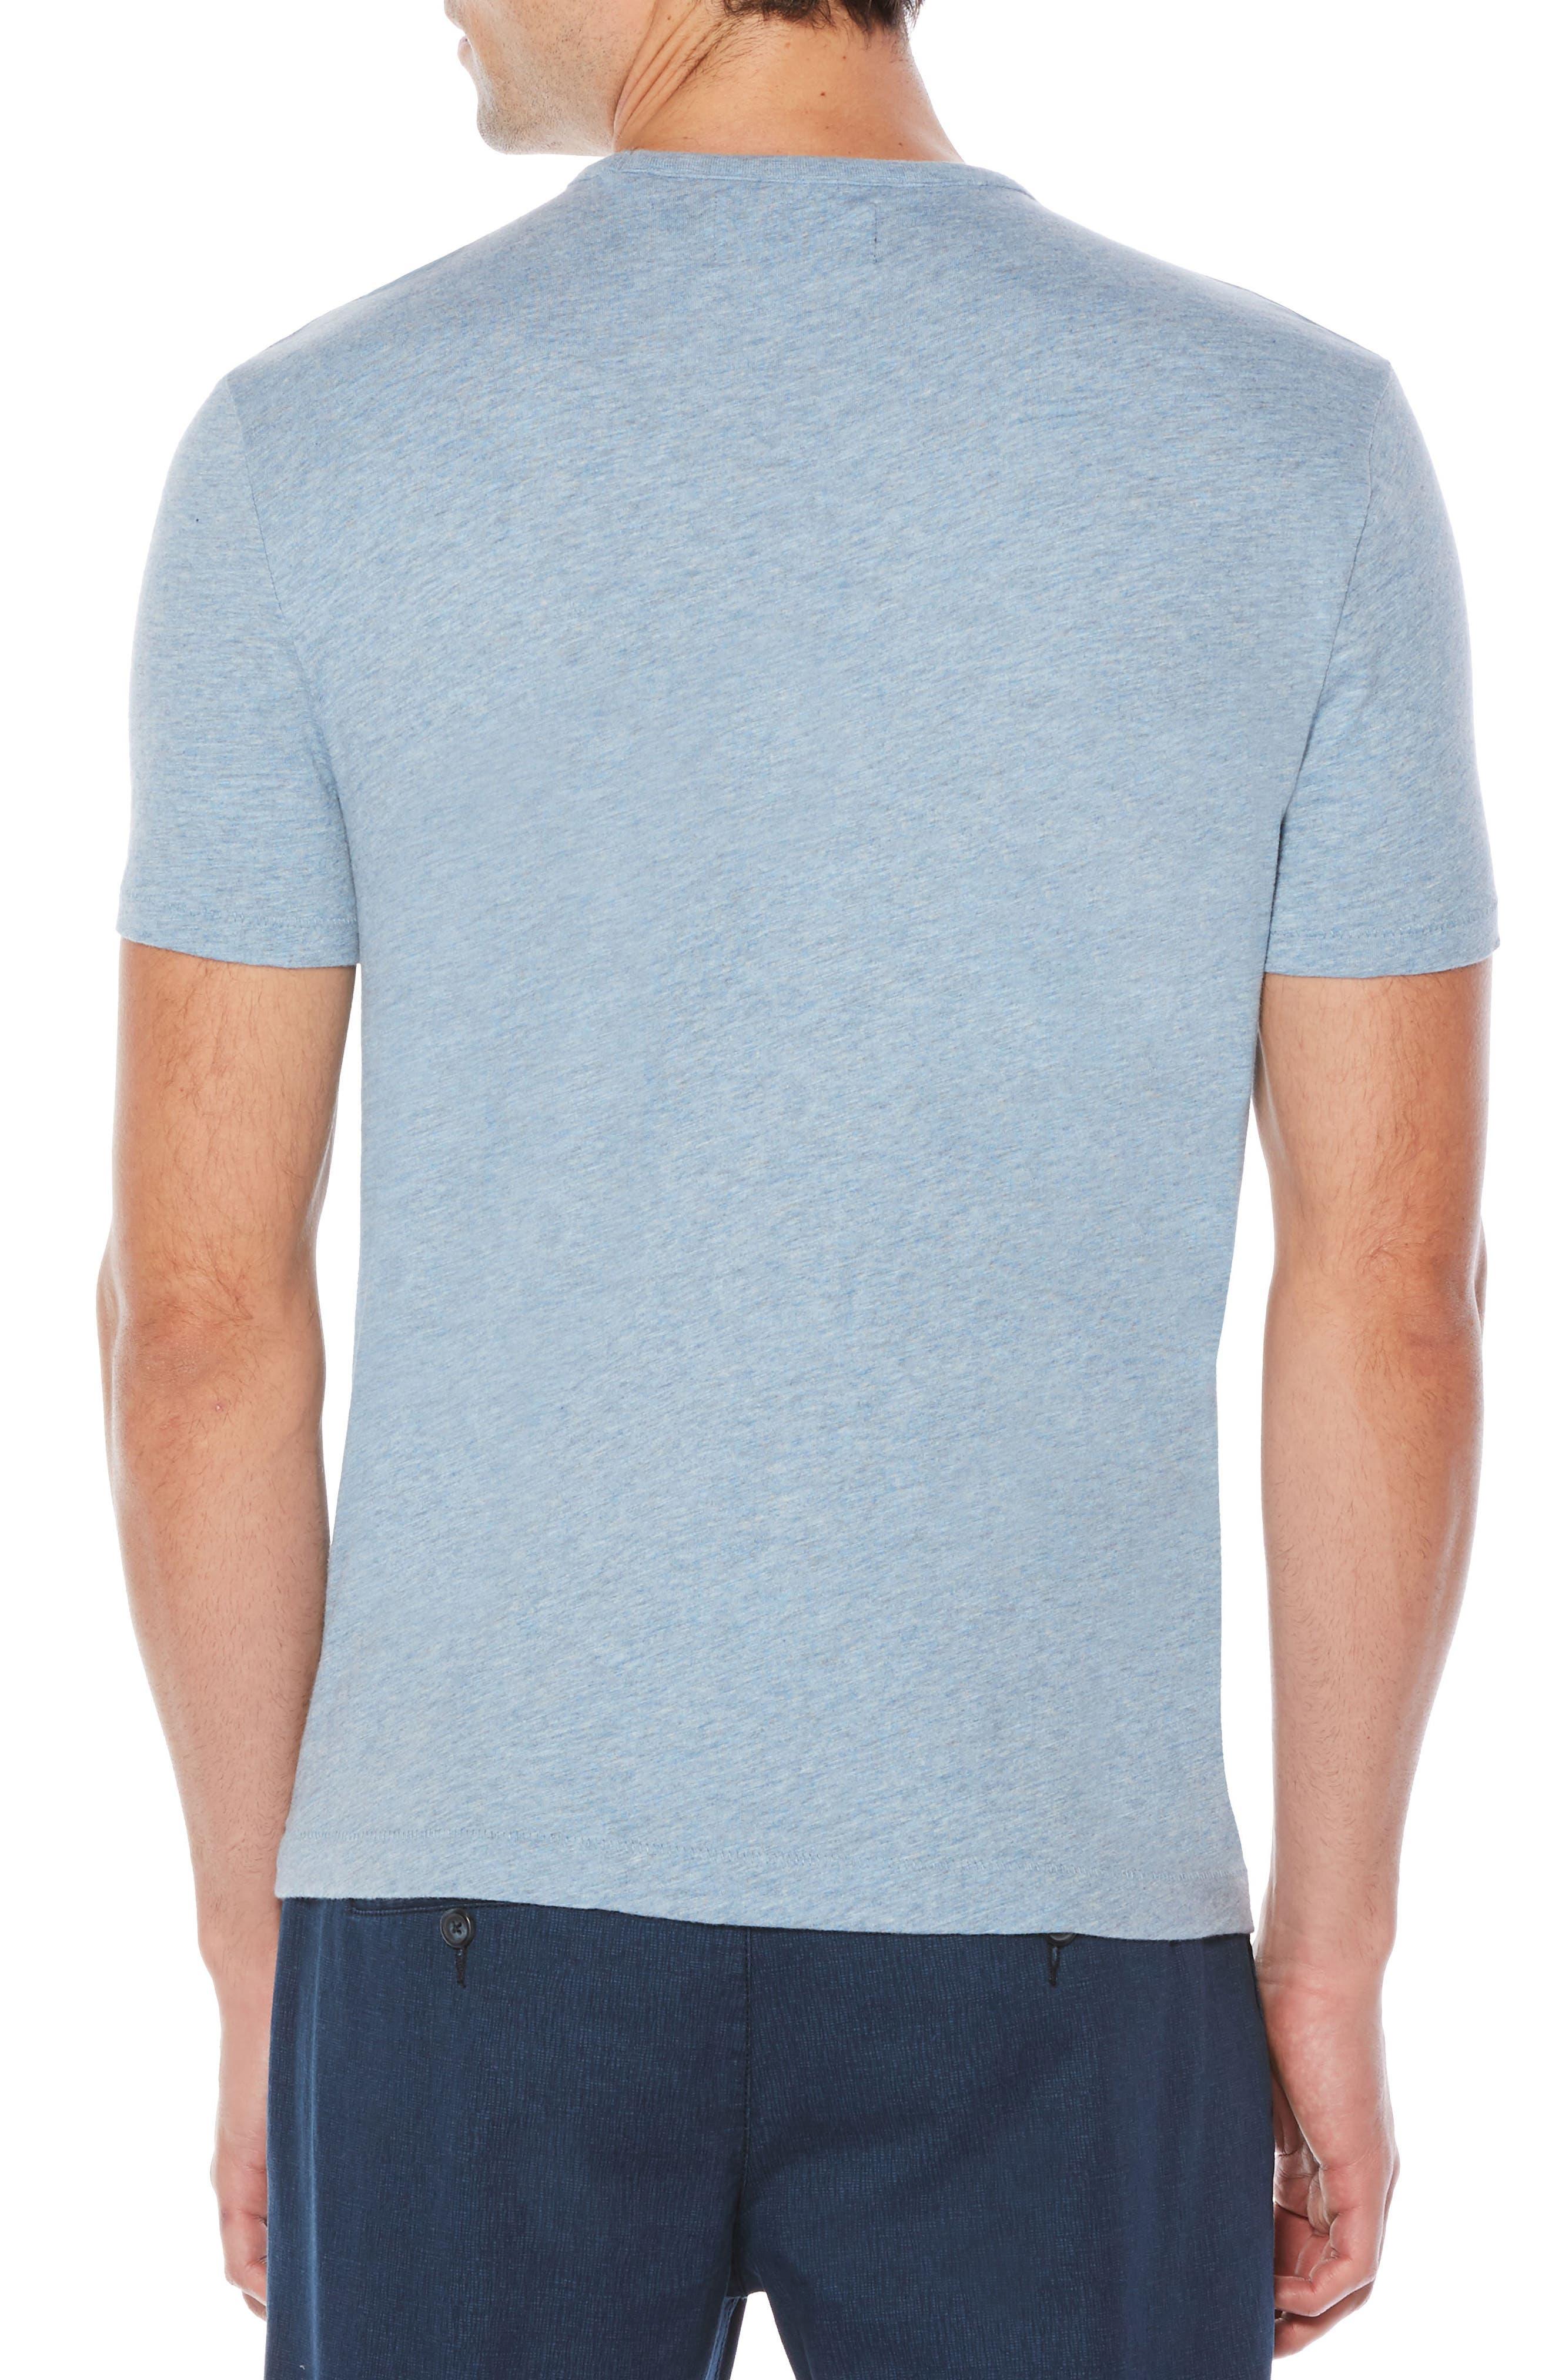 Alternate Image 2  - Original Penguin Slub Cotton T-Shirt